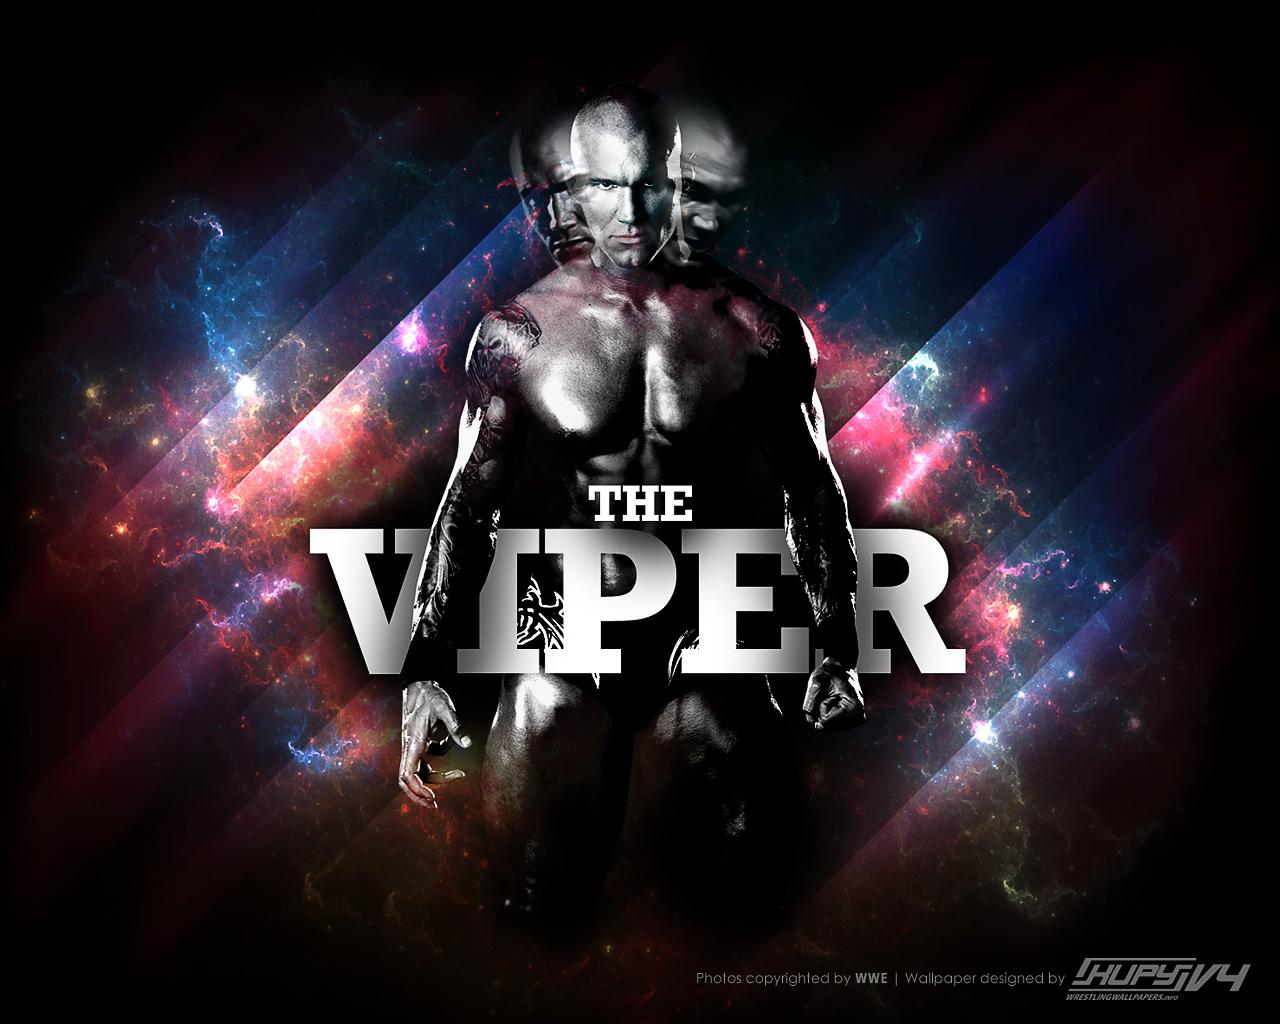 John Cena Iphone Wallpaper Randy Orton Quot The Viper Quot Wallpaper Kupy Wrestling